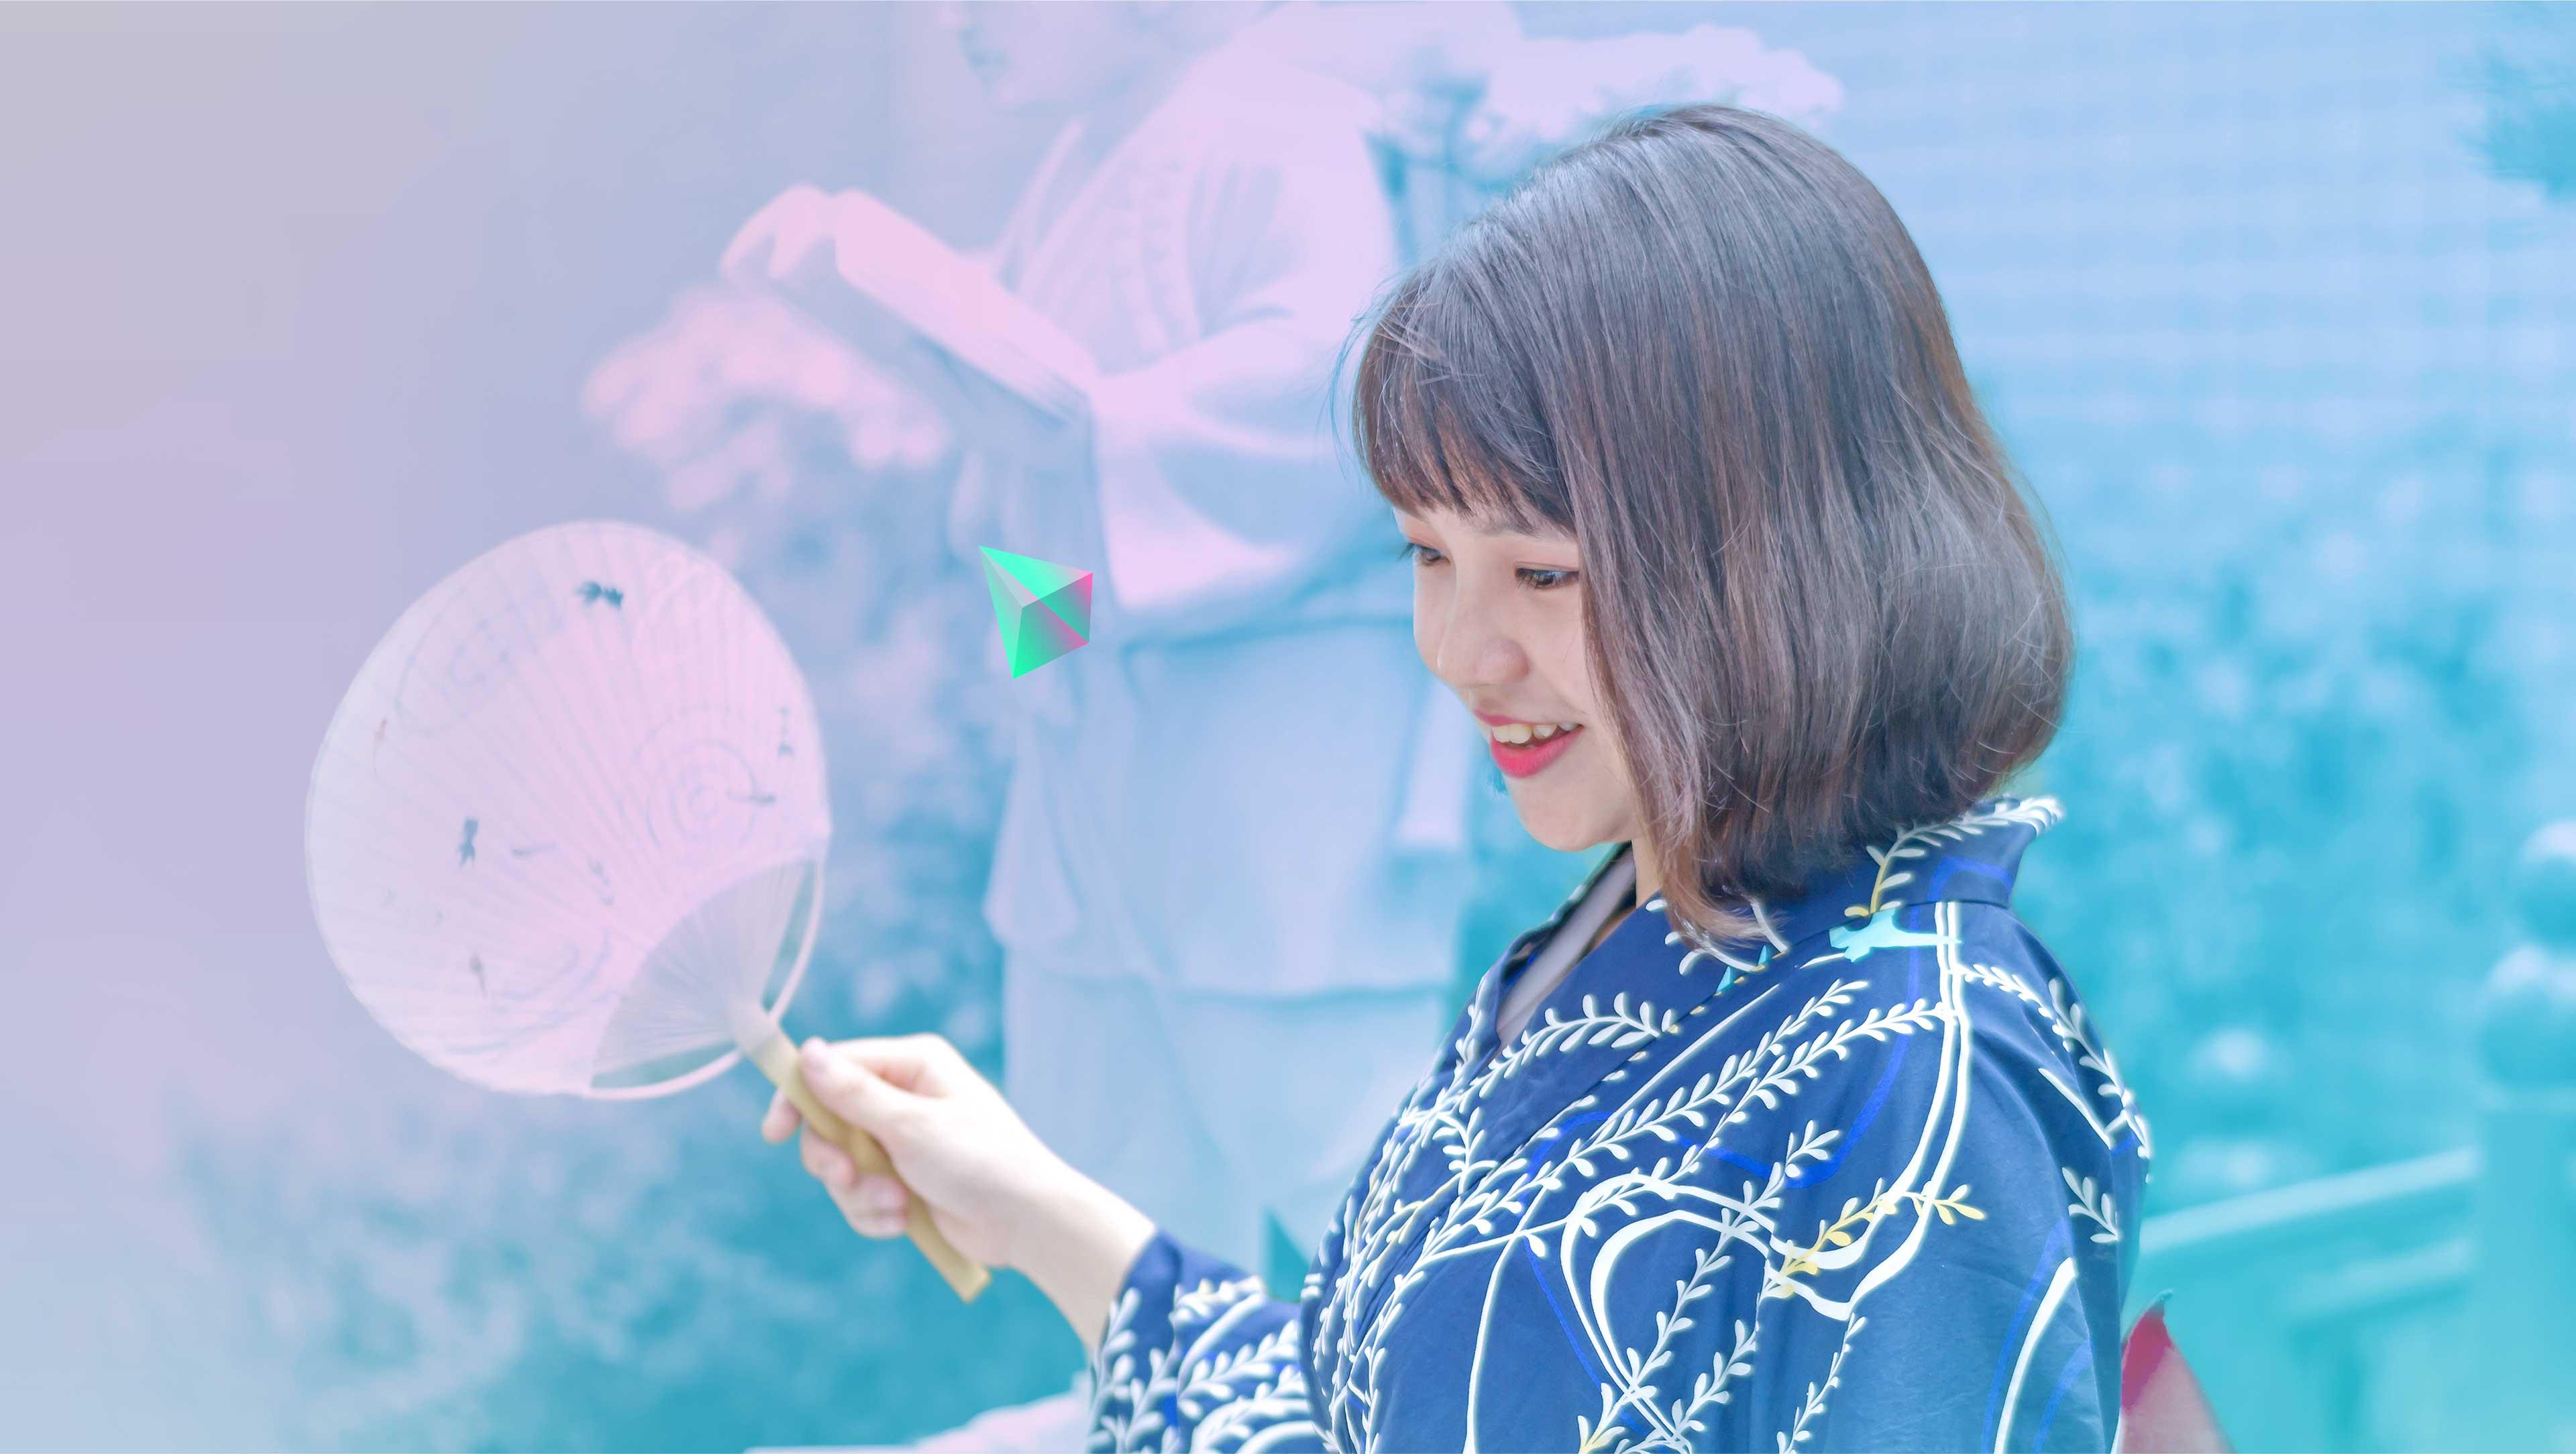 xuat-khau-lao-dong-esuhai16